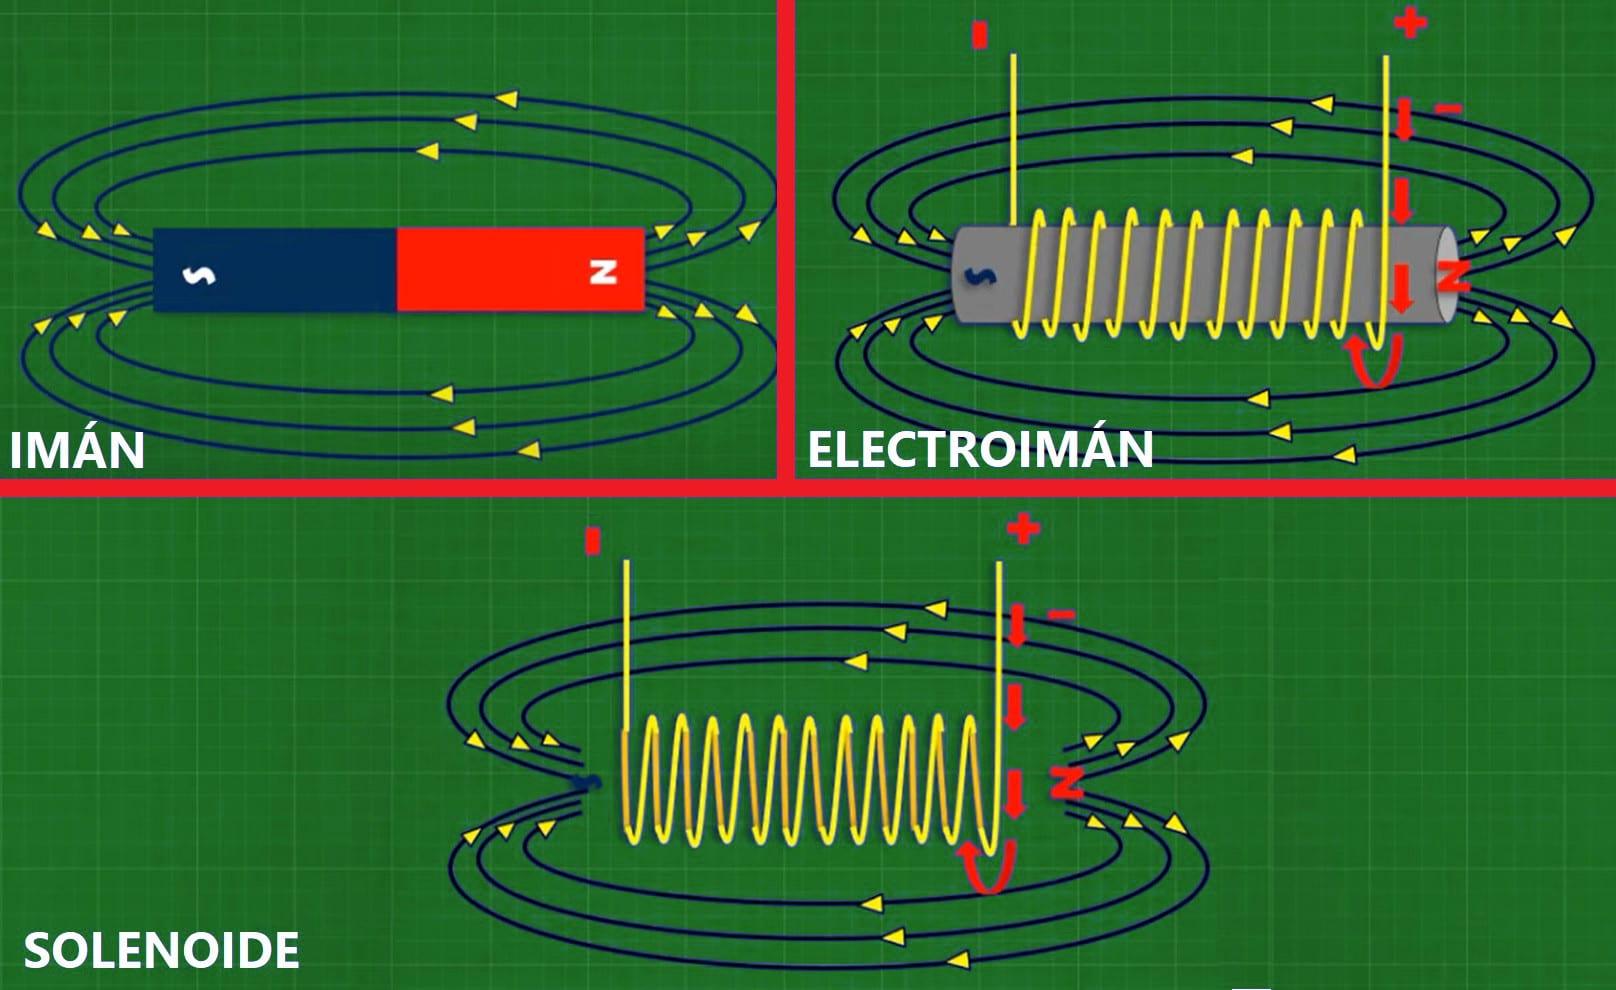 Un solenoide es un electroimán sin núcleo de hierro